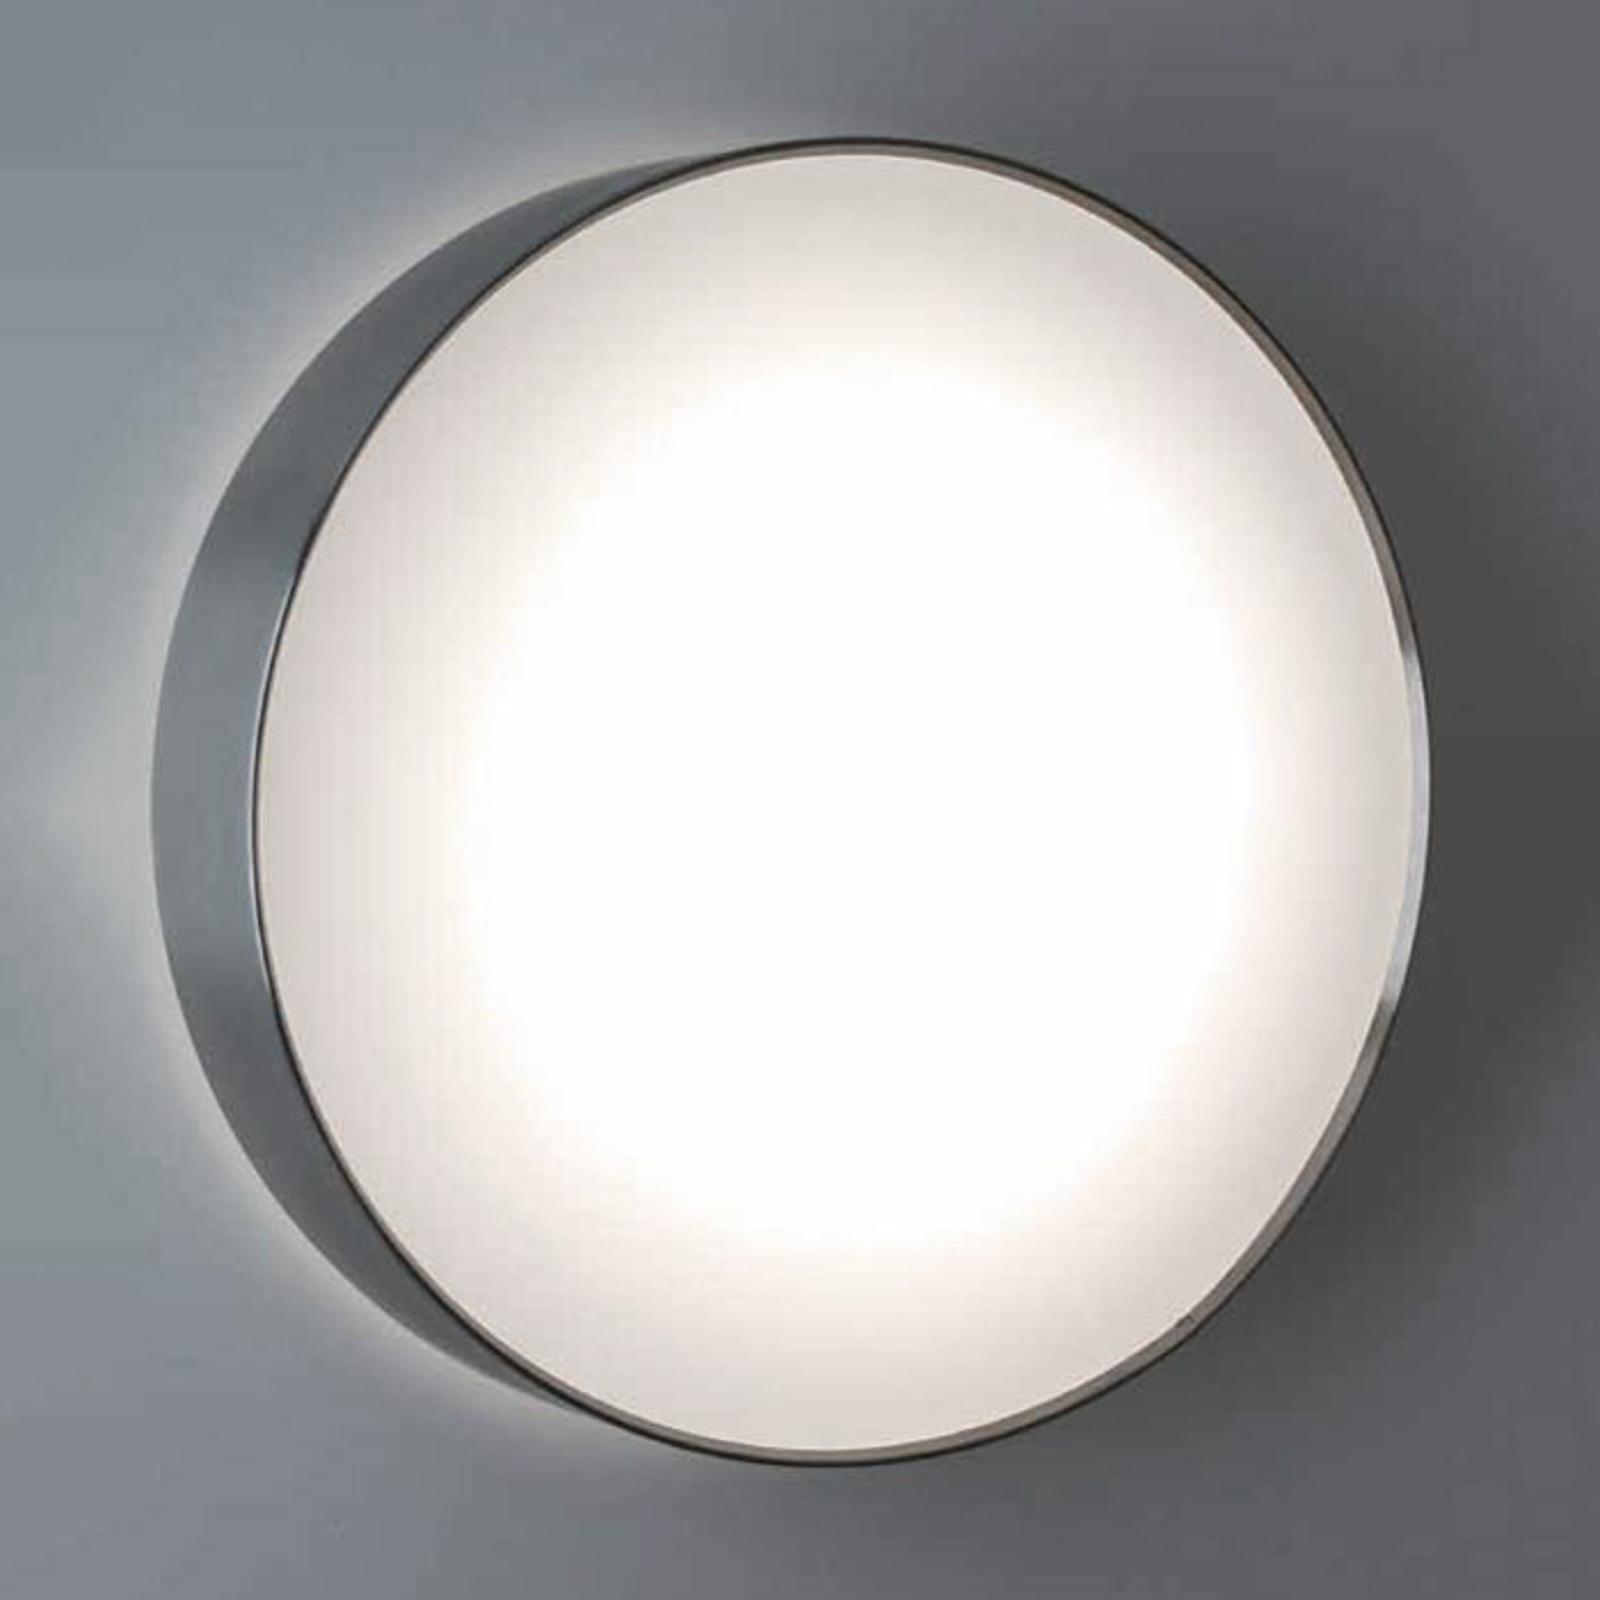 Nástenné svietidlo z ušľachtilej ocele SUN 4 LED_1018250_1